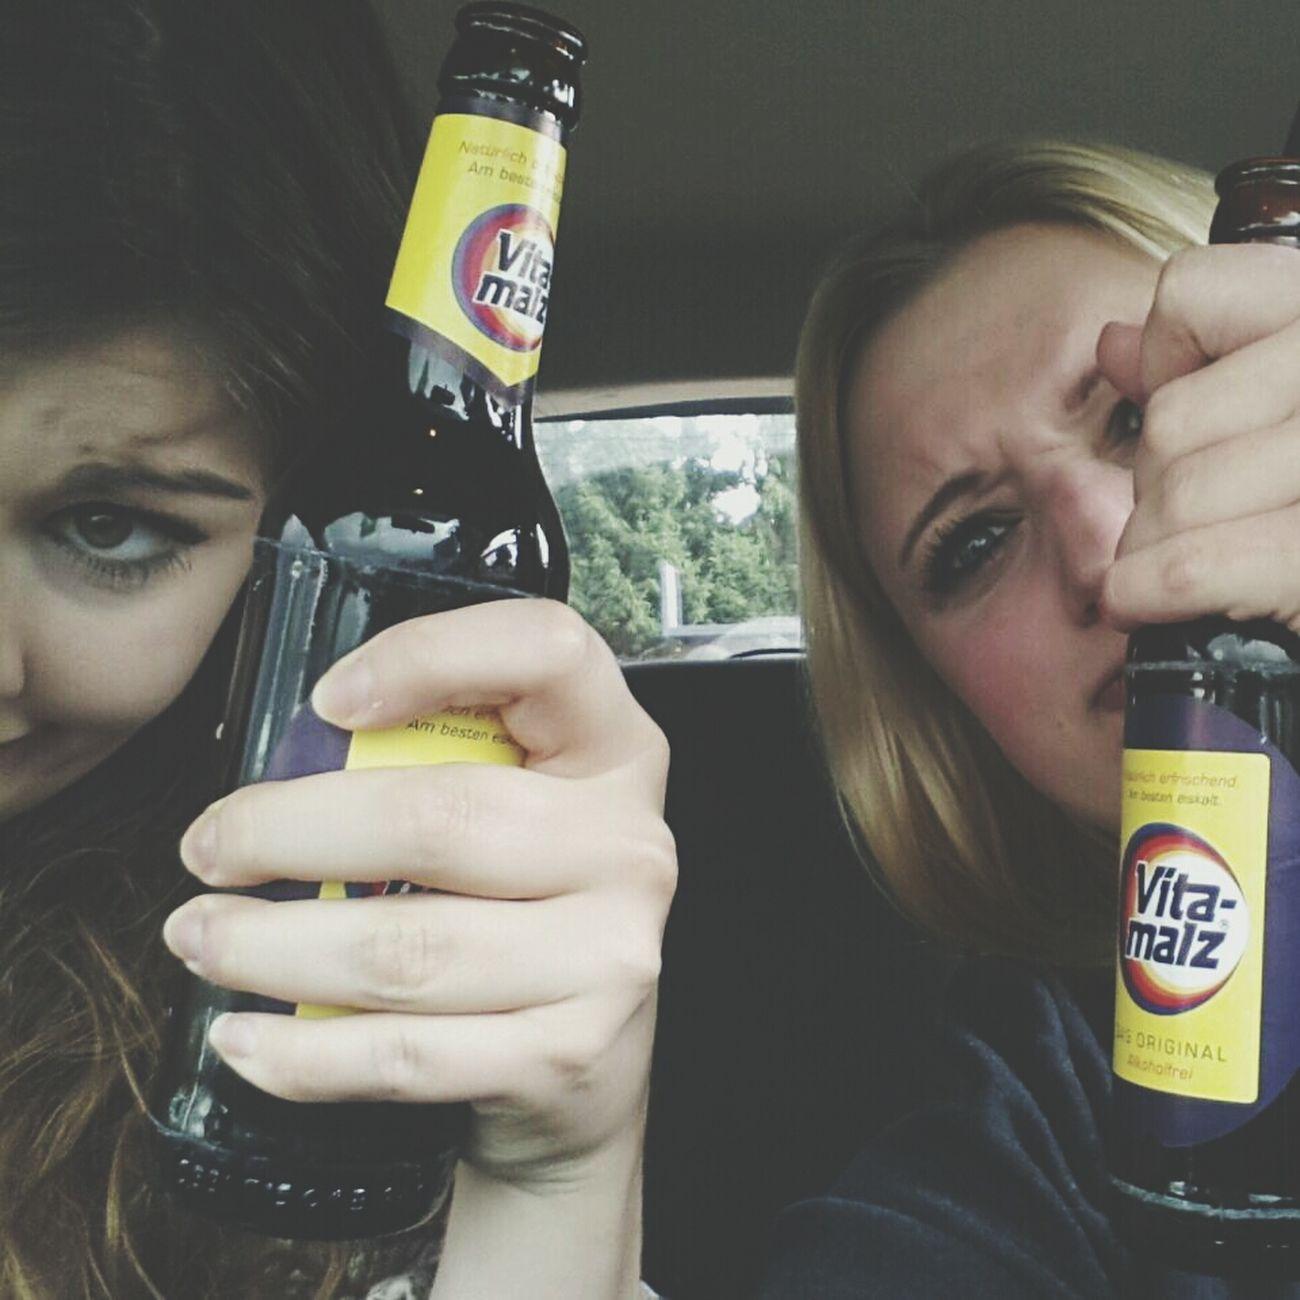 Suff High Von Der Liebe, Betrunken Vom Hass Betrunken Bitch! Montagsgriller